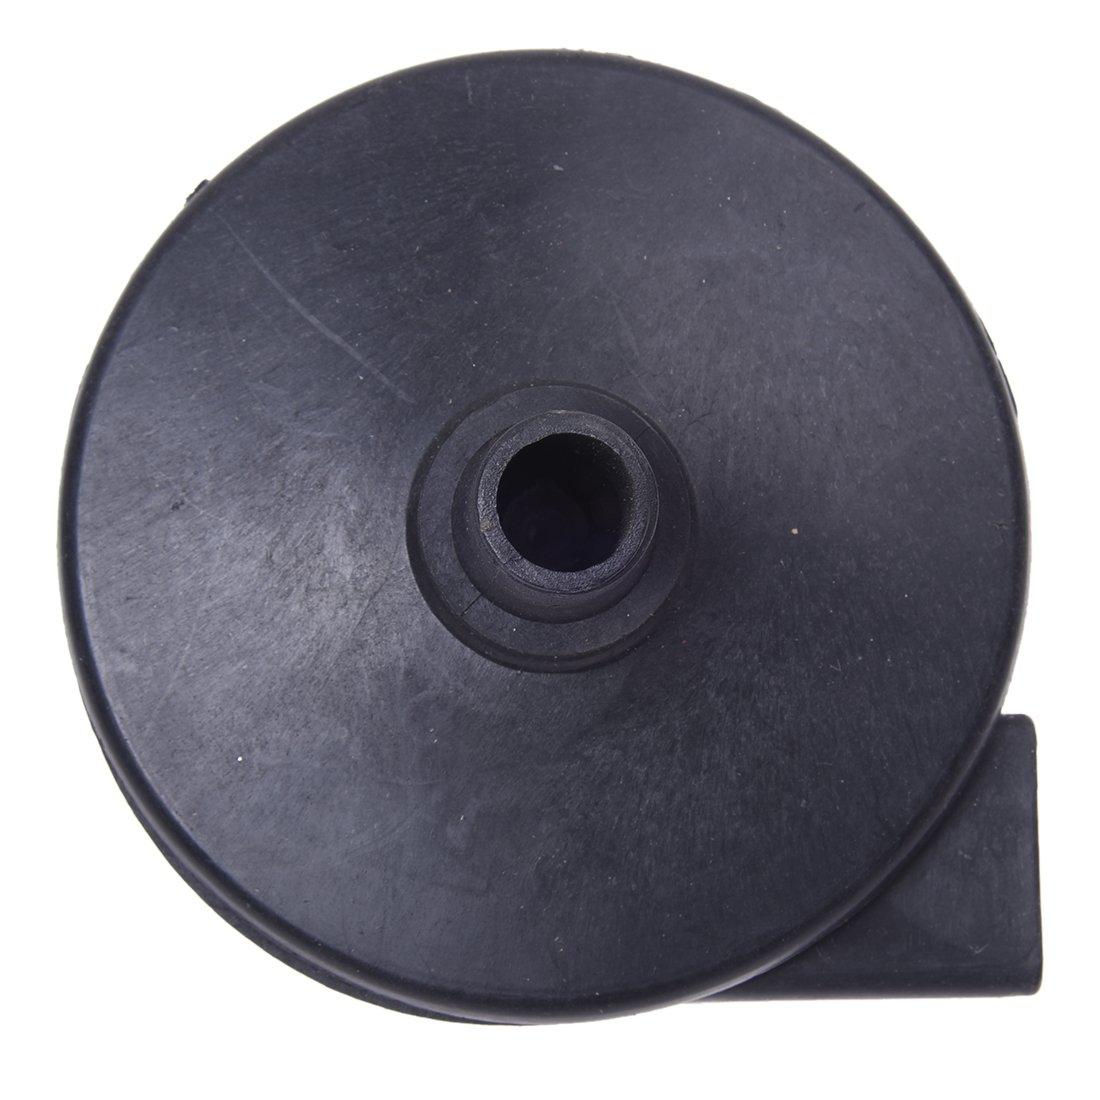 compresor de aire - SODIAL(R) De repuesto 3/8 PT rosca macho filtro compresor de aire Silencer 2 piezas negro: Amazon.es: Bricolaje y herramientas